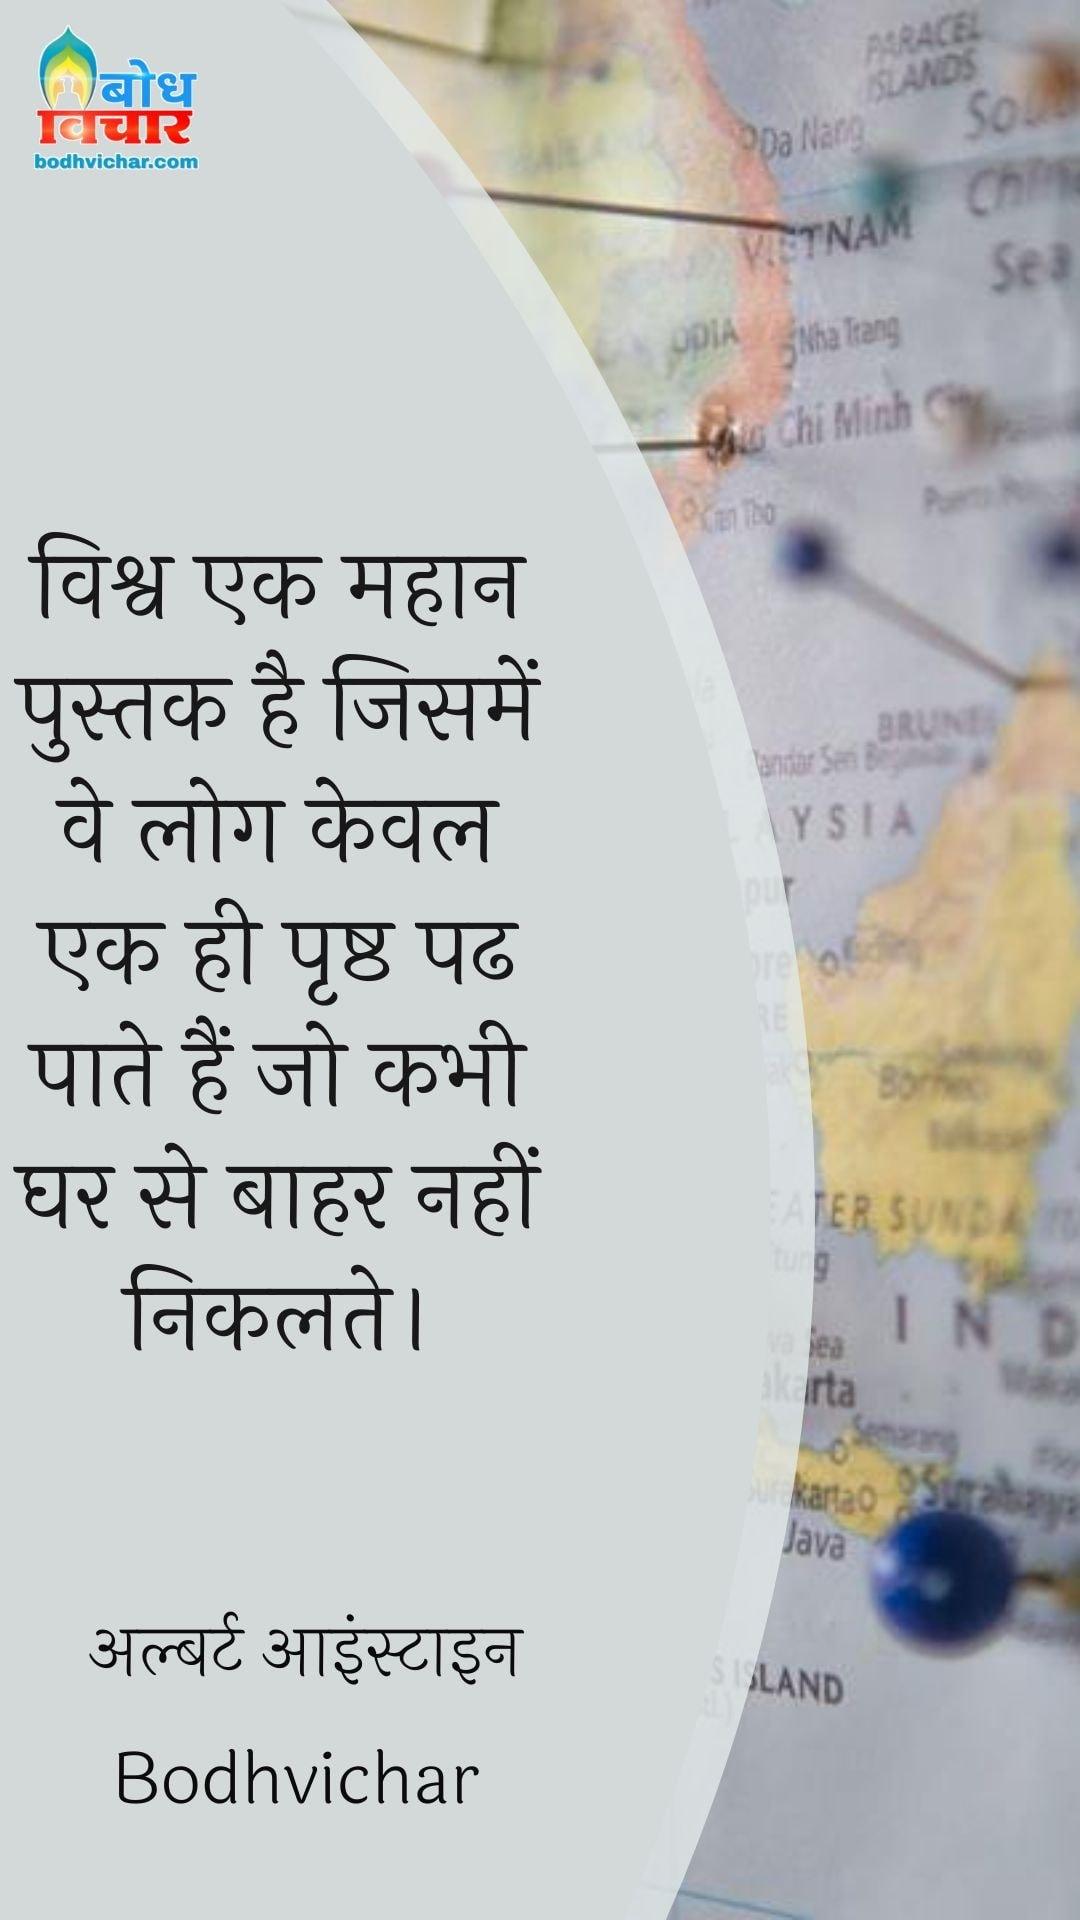 विश्व एक महान पुस्तक है जिसमें वे लोग केवल एक ही पृष्ठ पढ पाते हैं जो कभी घर से बाहर नहीं निकलते। : Vishv ek mahan pustak hai jisme ve log keval ek hi prashtha padh paate hain jo kabhi gharse bahar nahi nikalte. - अल्बर्ट आइन्स्टाइन